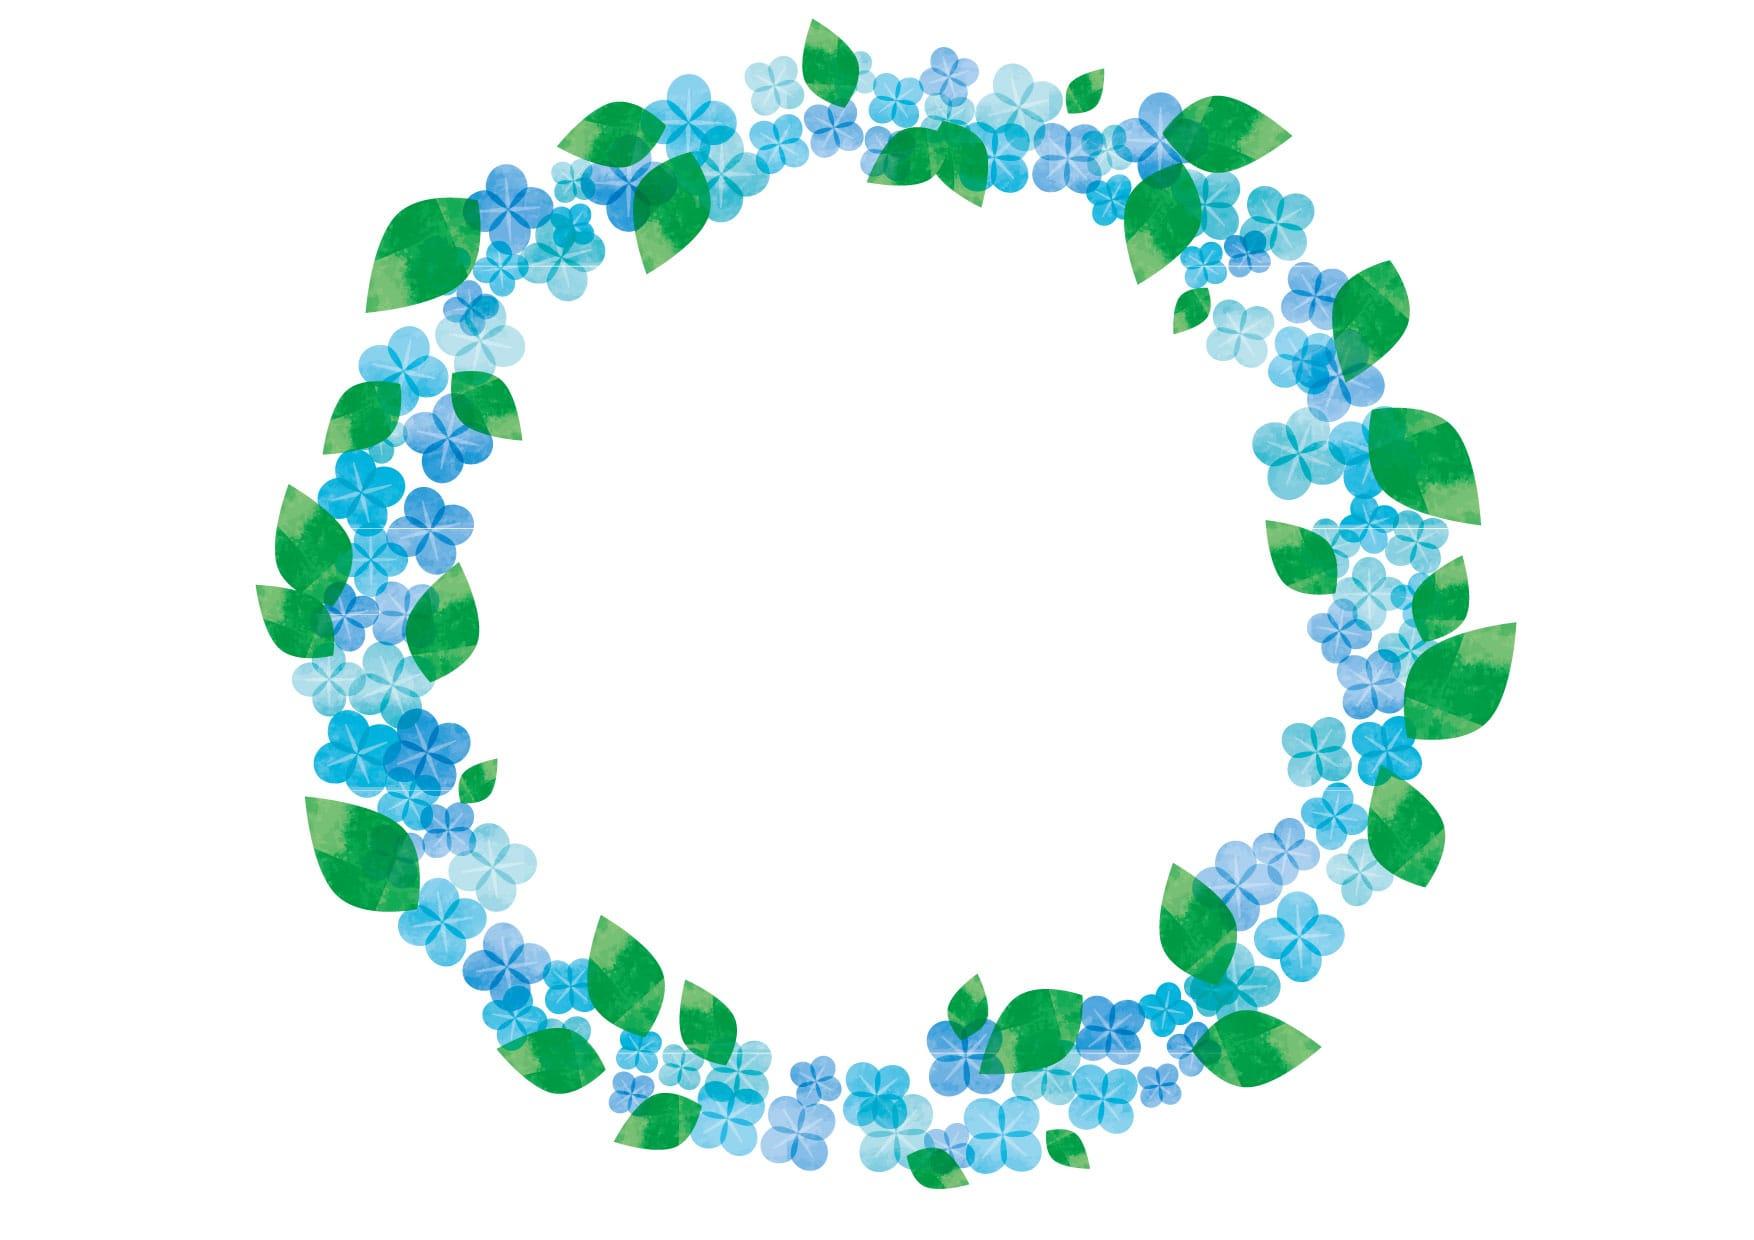 可愛いイラスト無料|あじさい 水彩 水色 円フレーム − free illustration Hydrangea watercolor light blue circle frame